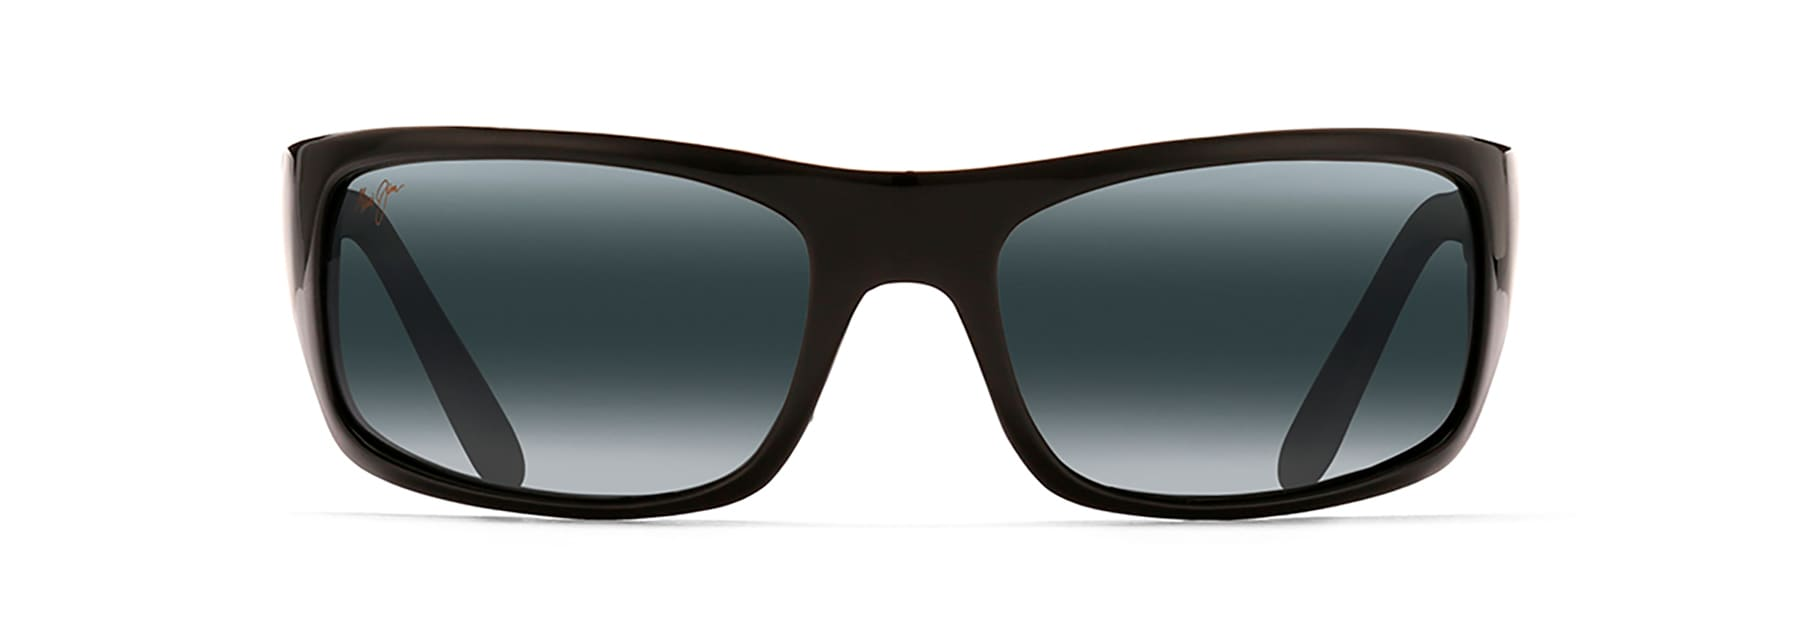 7f26ff8743c PEAHI. Polarized Wrap Sunglasses